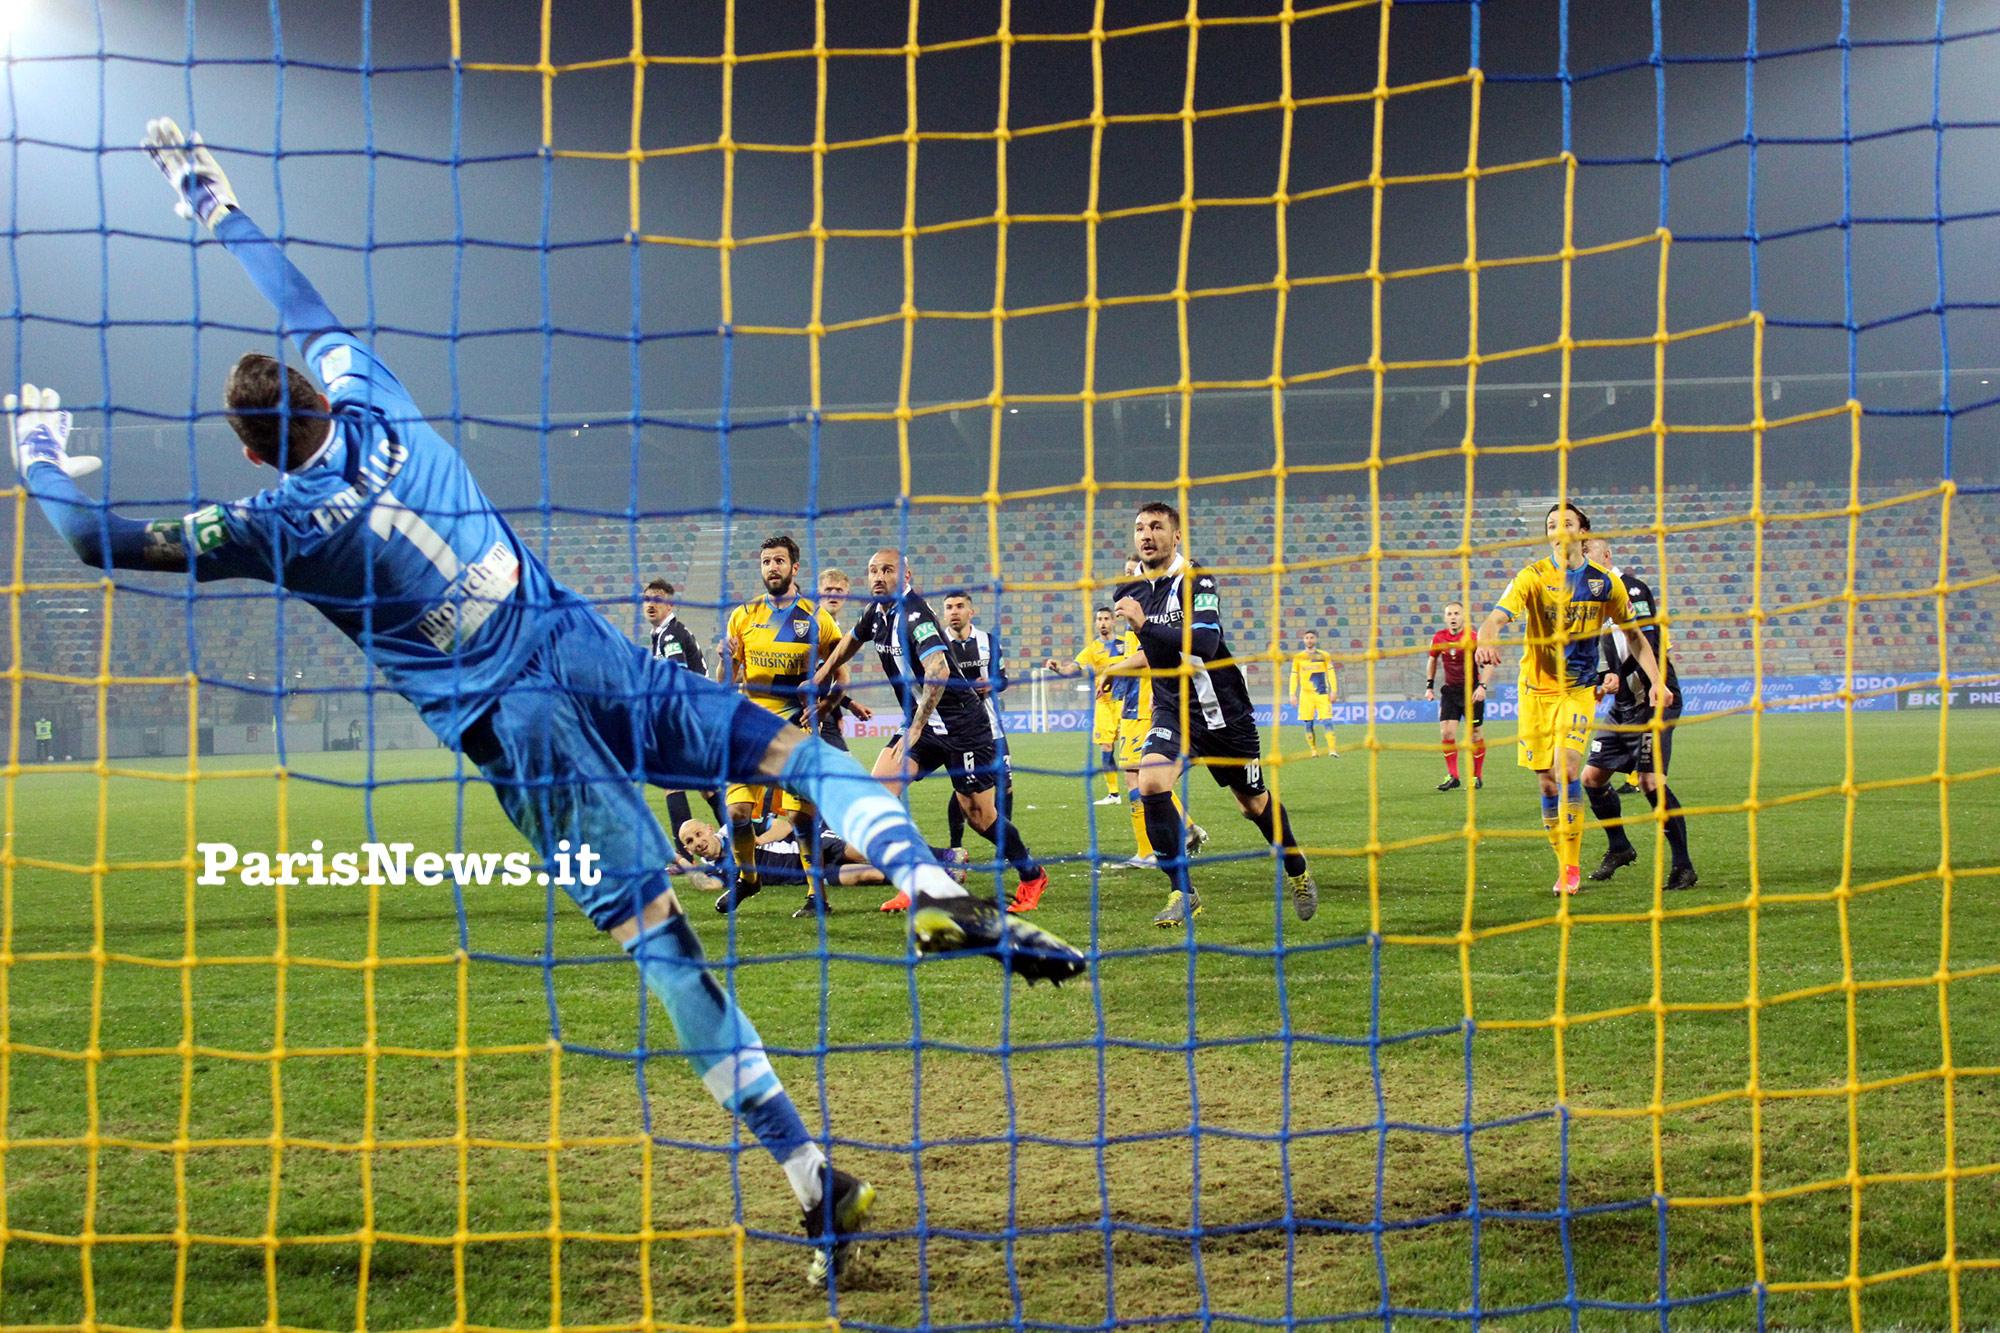 Frosinone - Pescara 0-0. Vince la noia